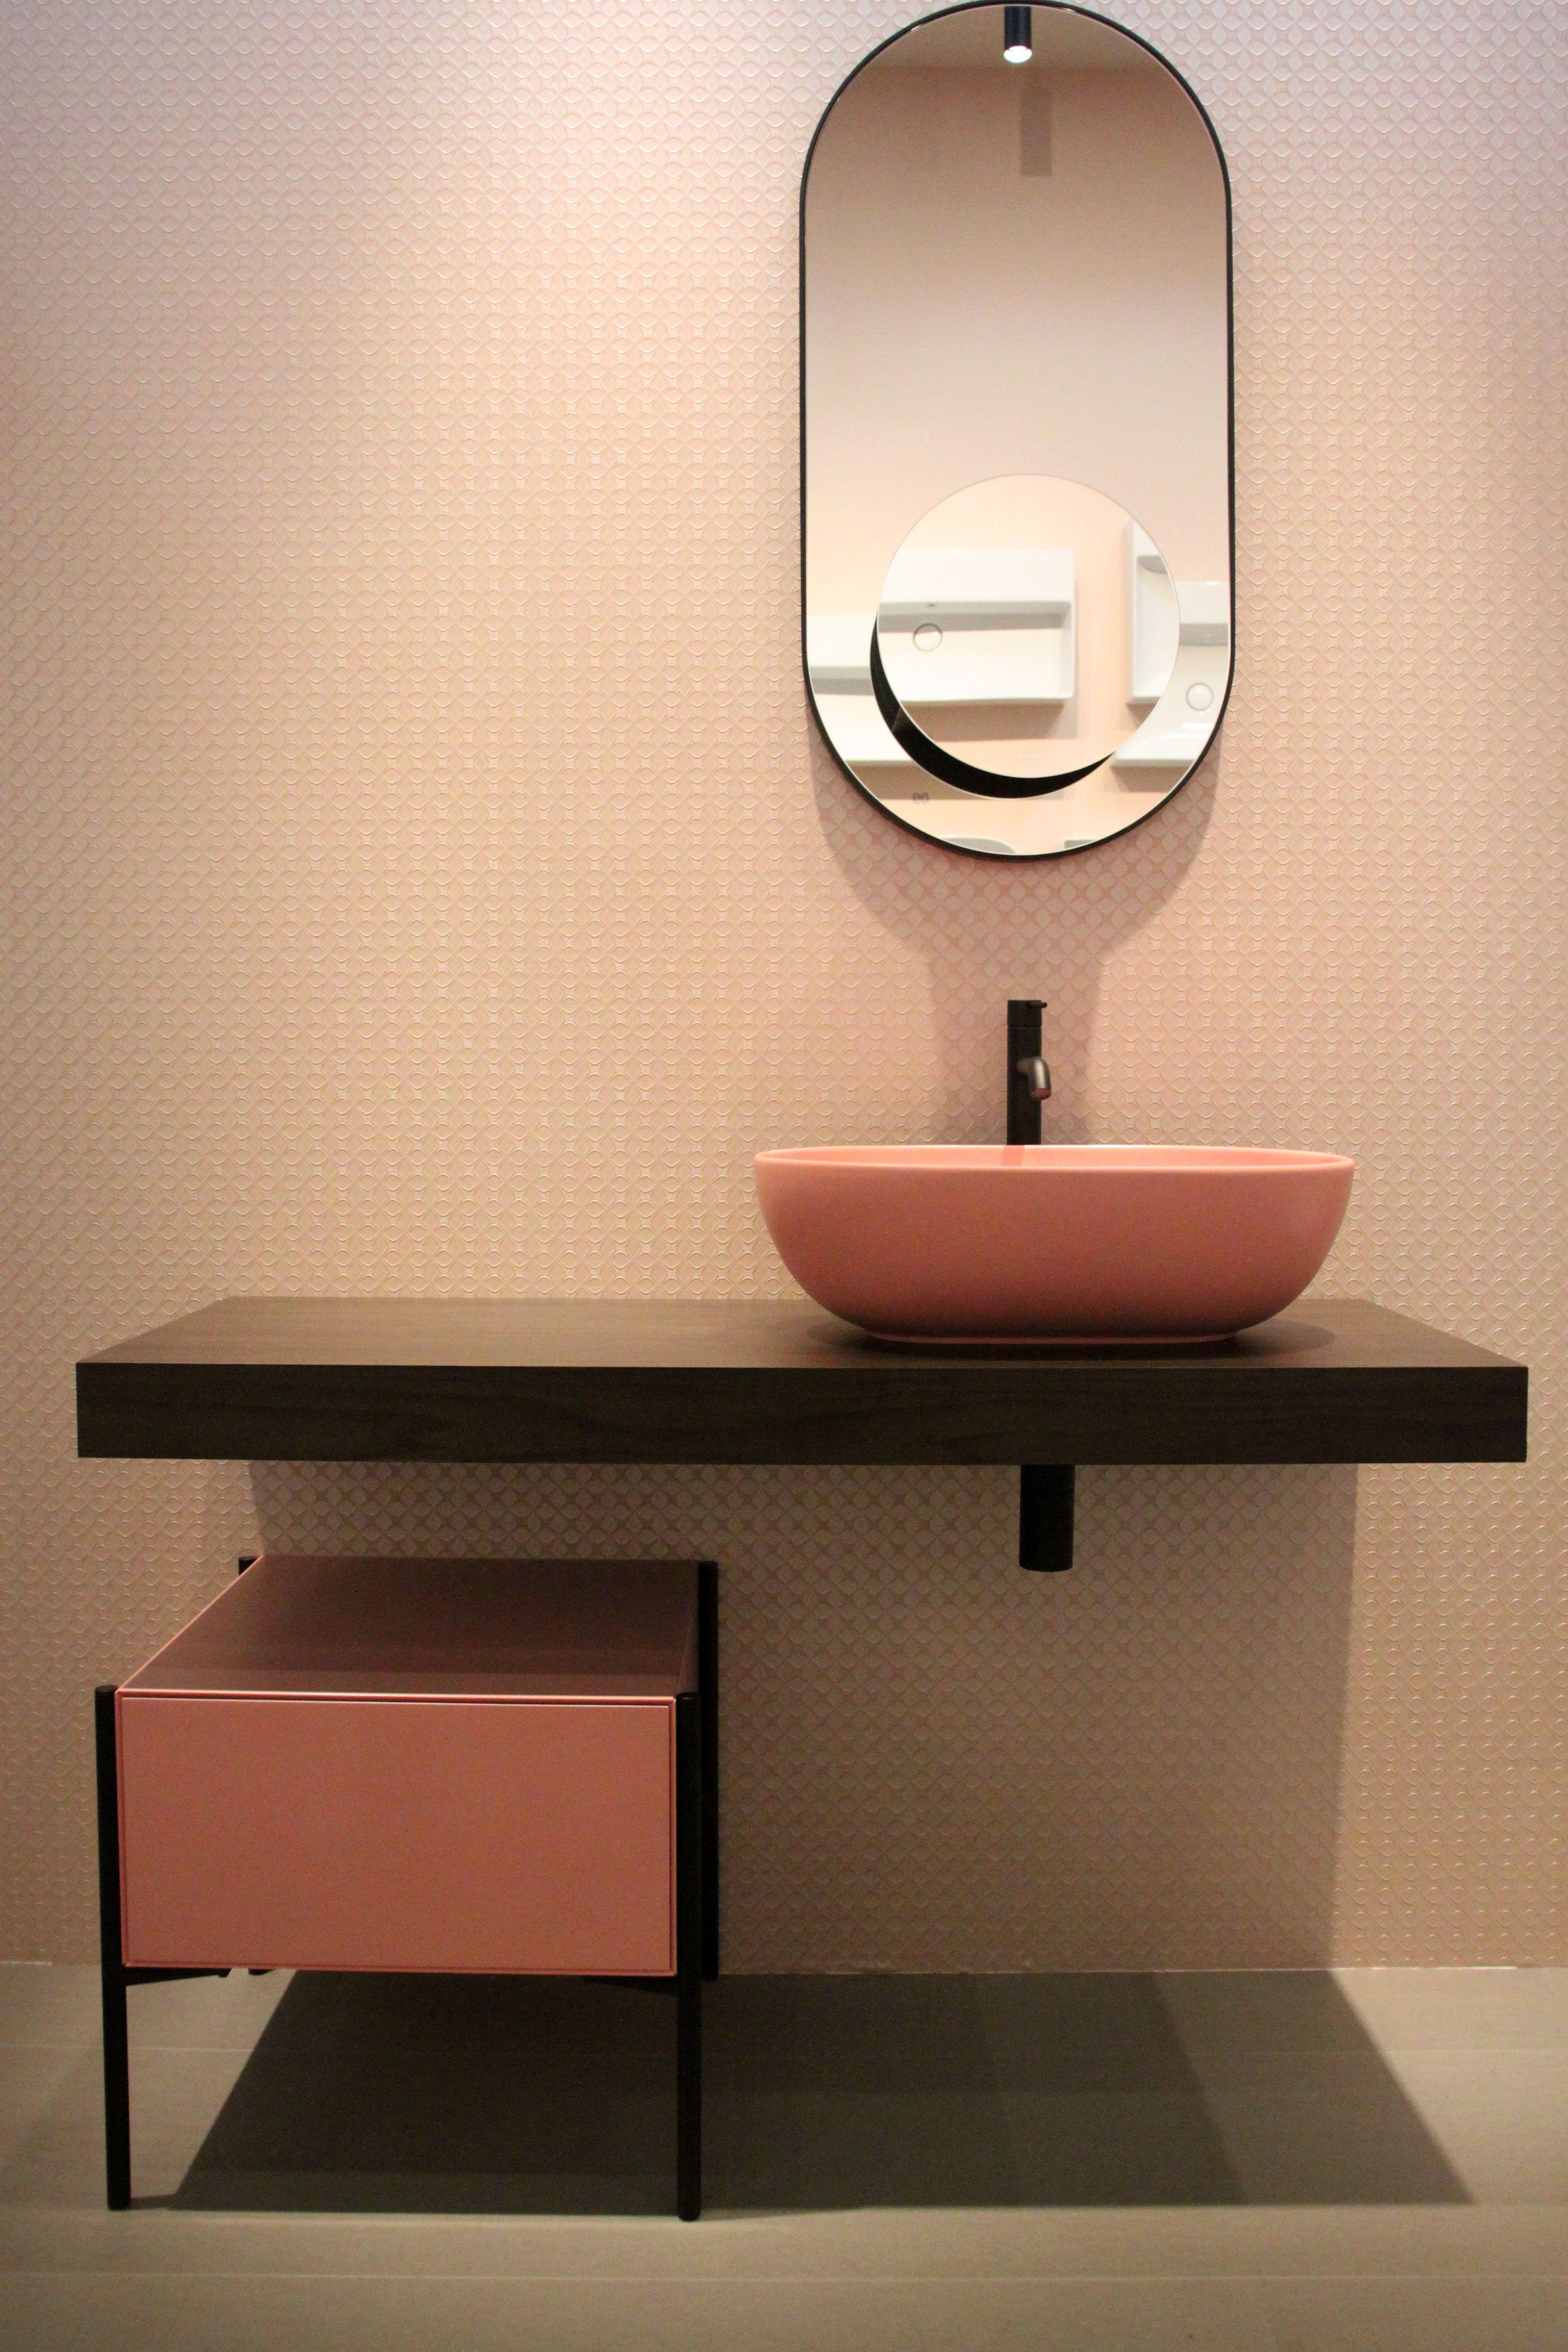 Bagno Rosa E Nero ambientazione bagno di ceramica globo con lavabo in ceramica